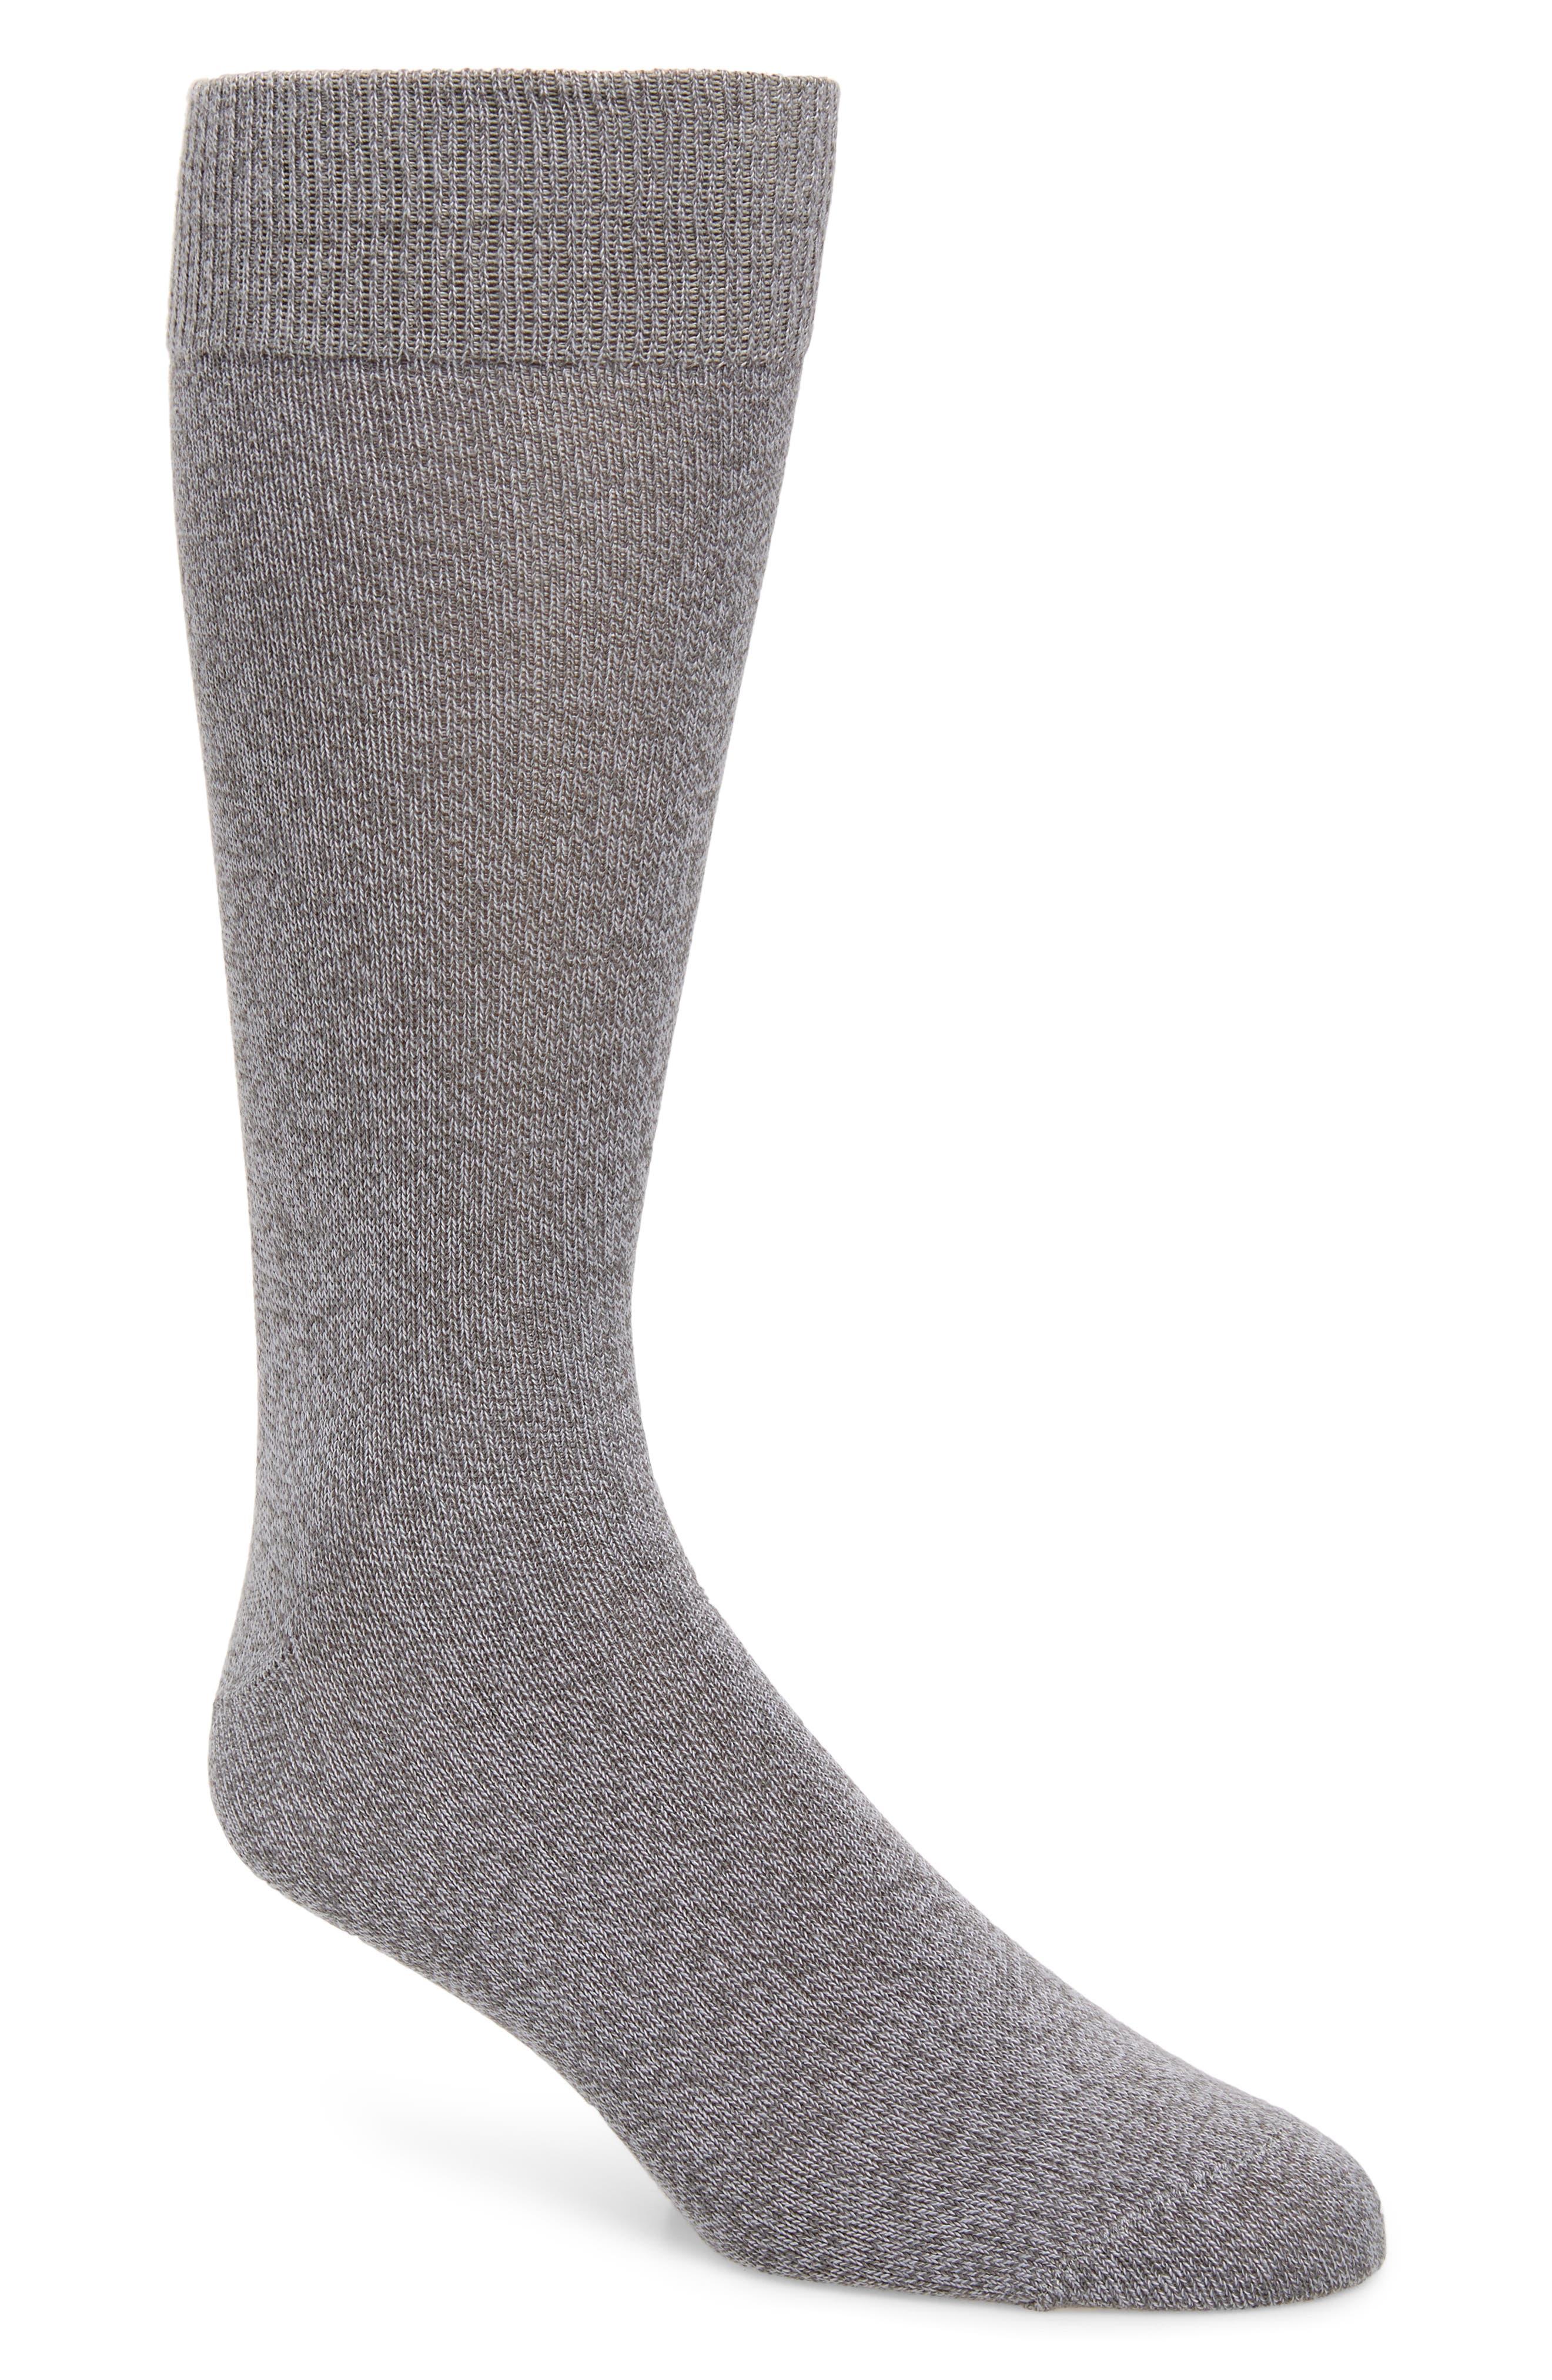 NORDSTROM MEN'S SHOP Ultrasoft Solid Socks, Main, color, GREY ALLOY